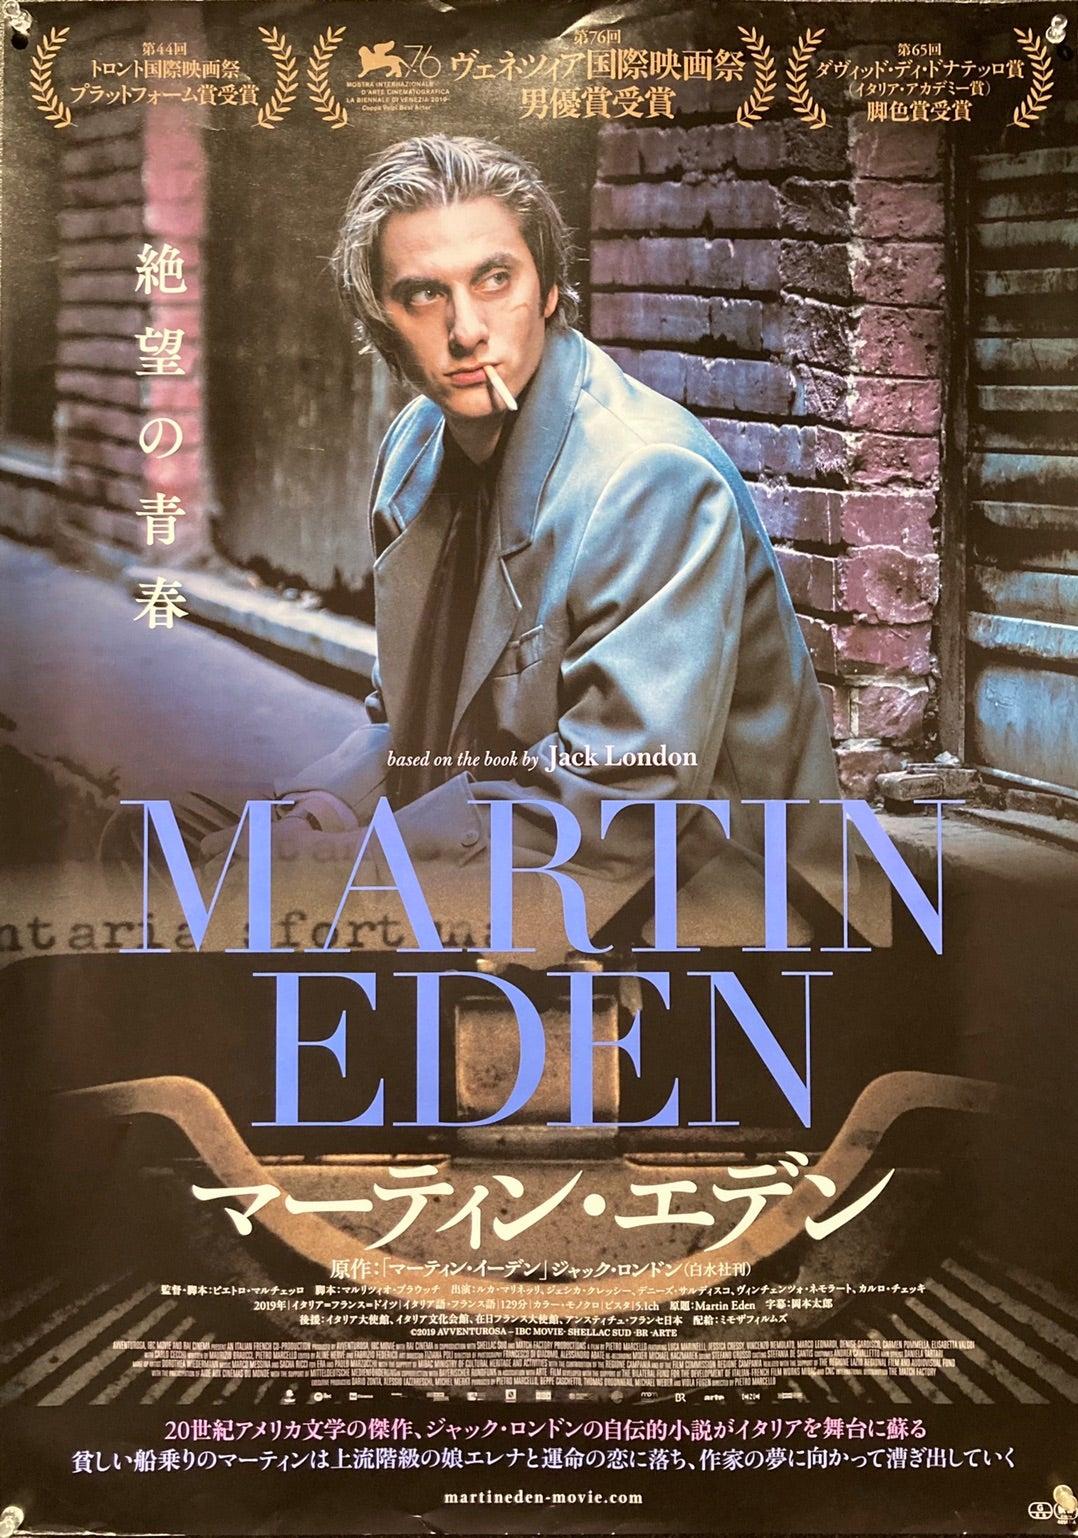 エデン マーティン